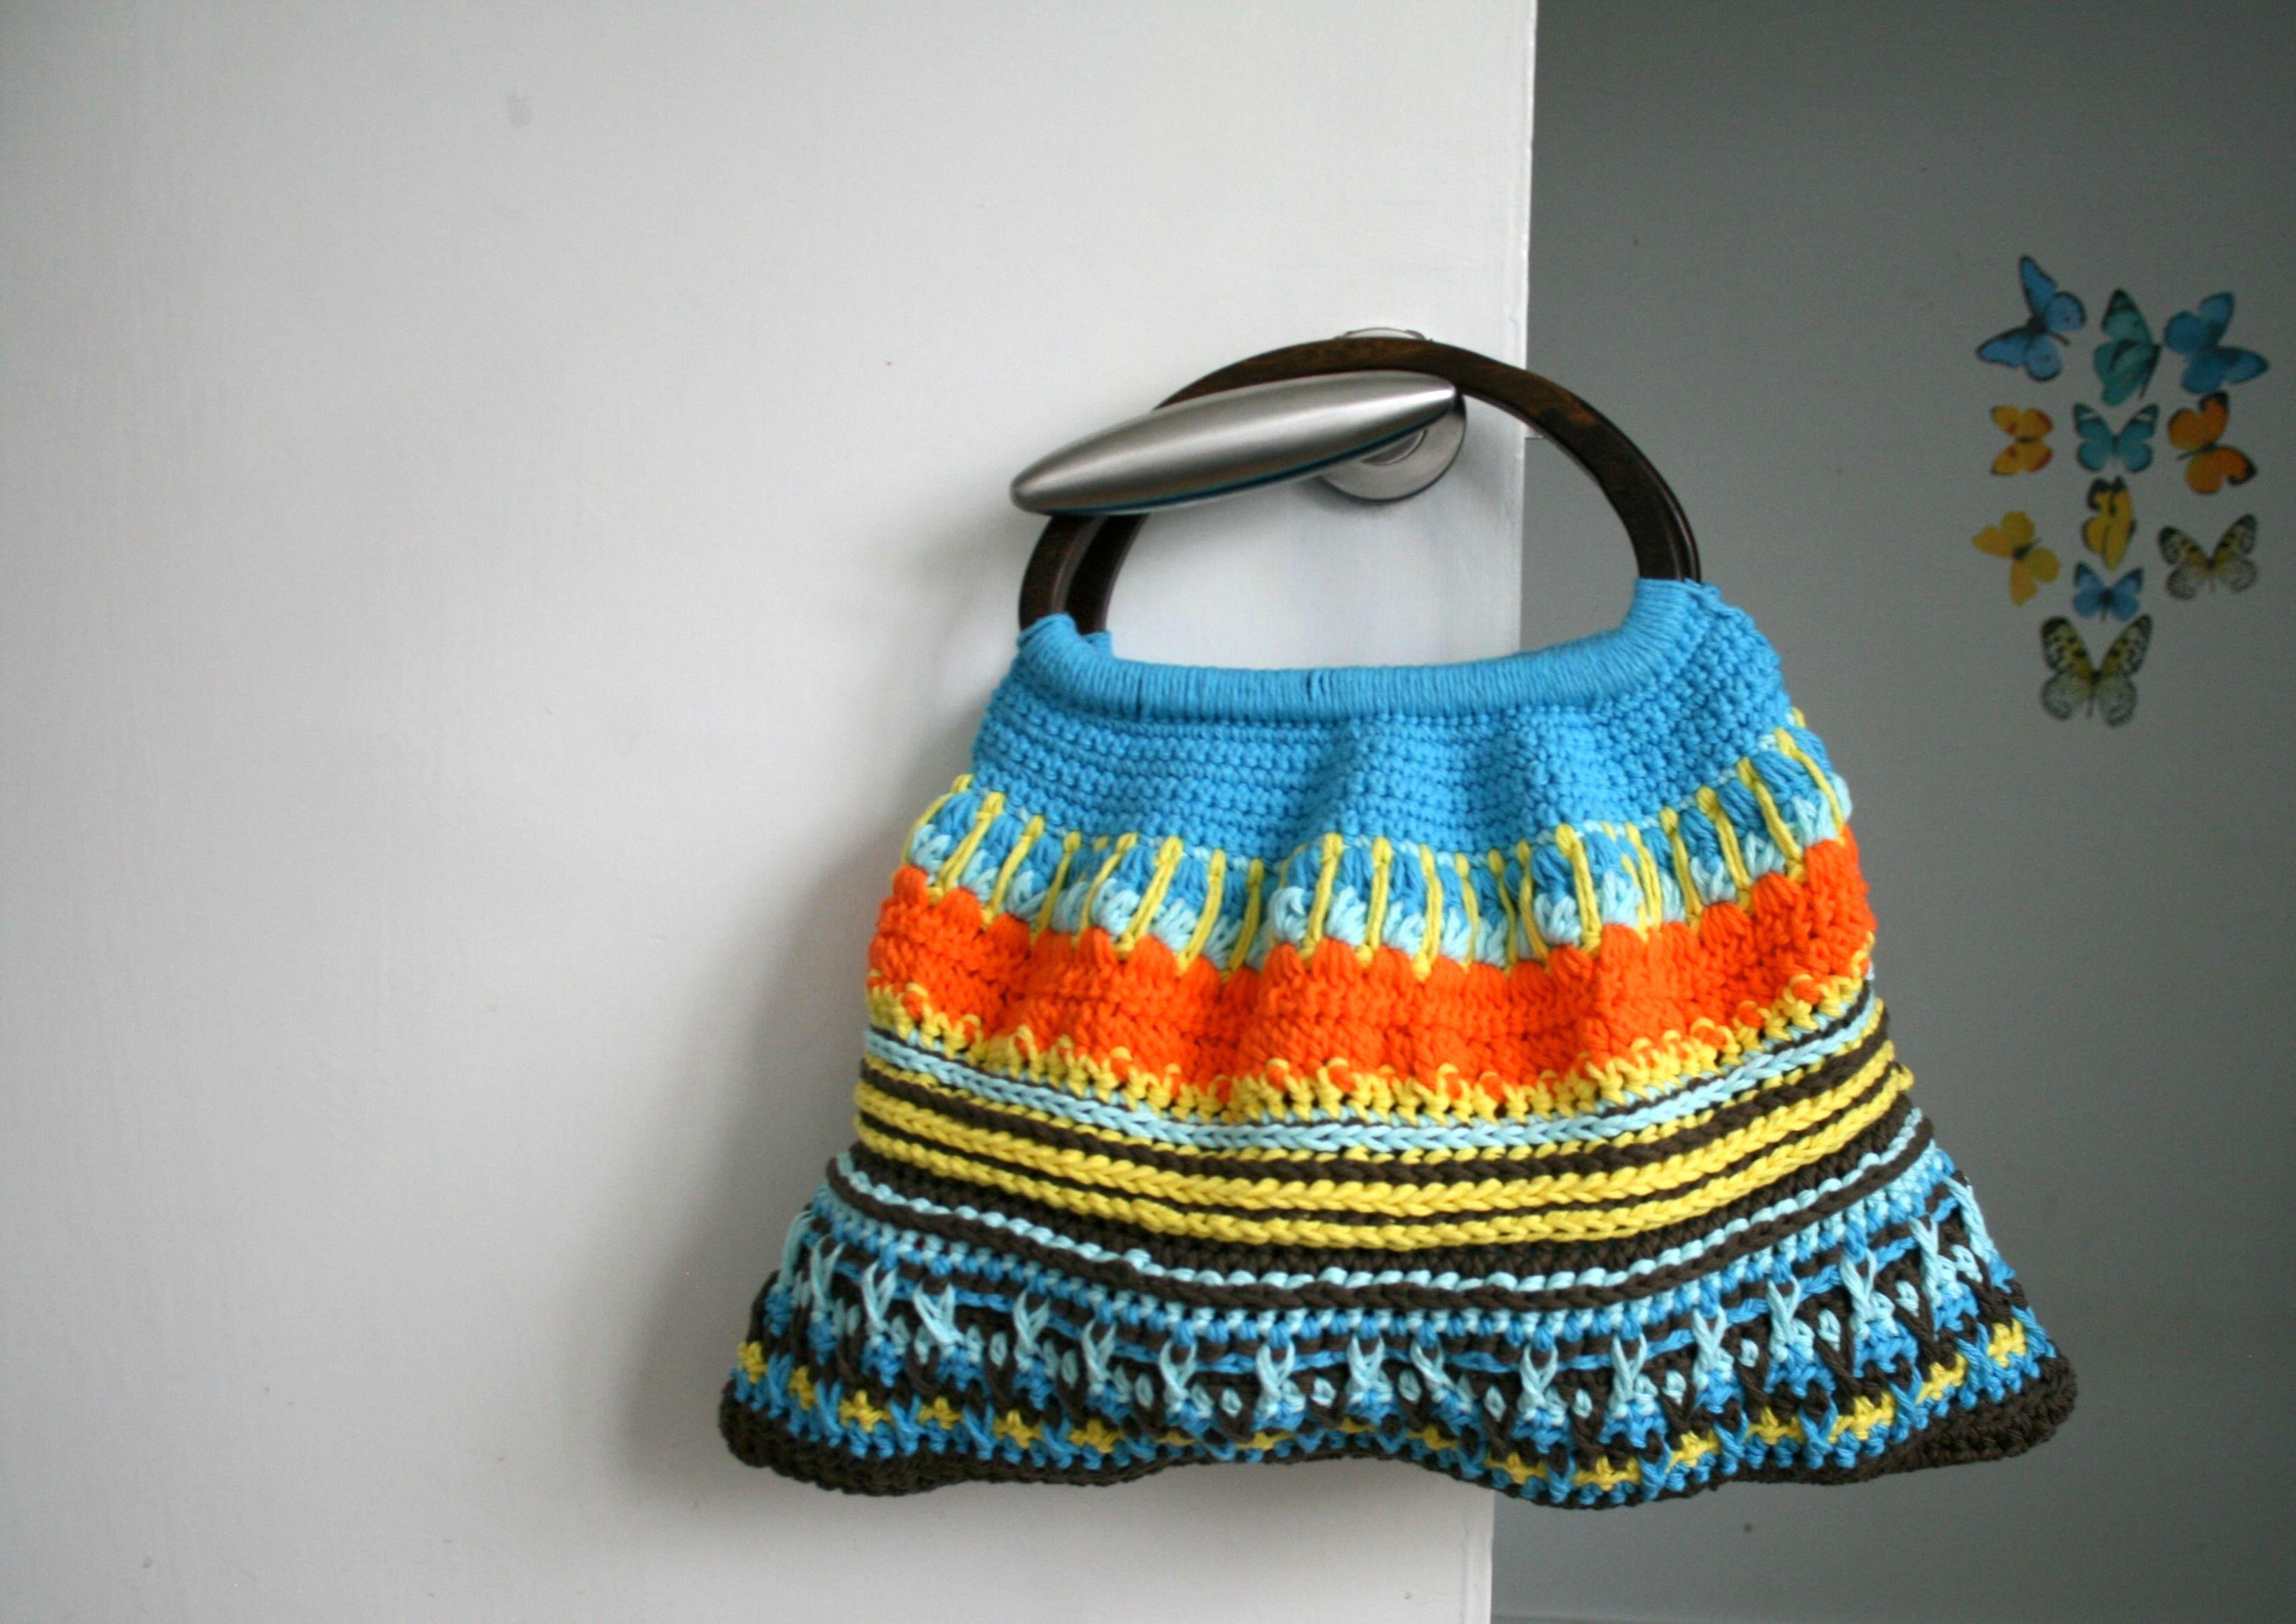 Crochet Bag Handles : LuzPatterns.com wooden handle crochet bag #crochetbag #crochepattern